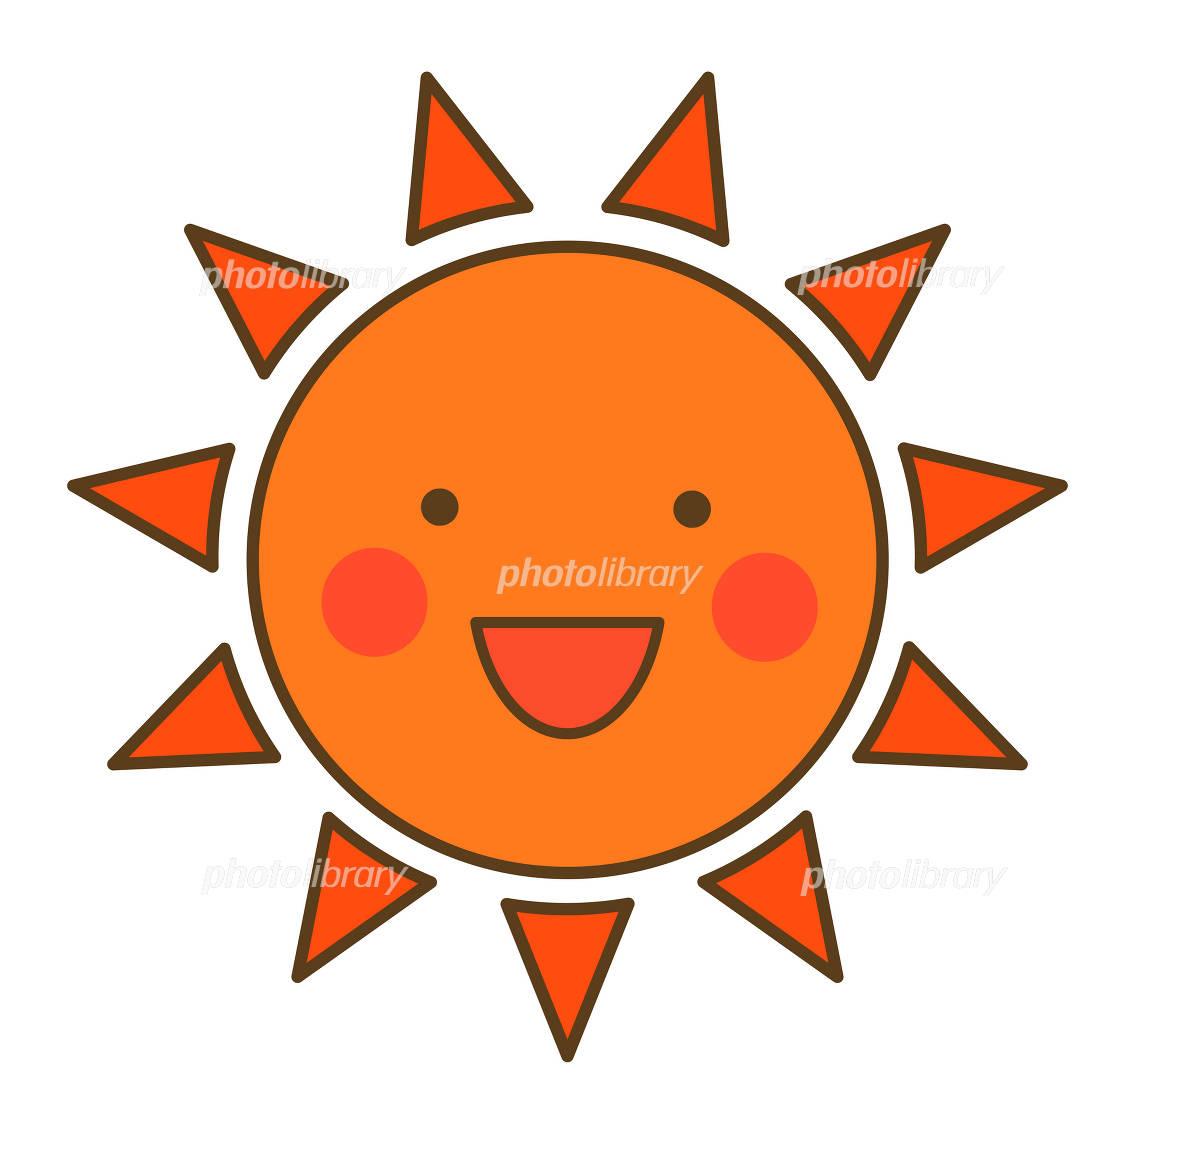 笑顔の太陽 イラスト素材 [ 1010159 ] - フォトライブラリー photolibrary